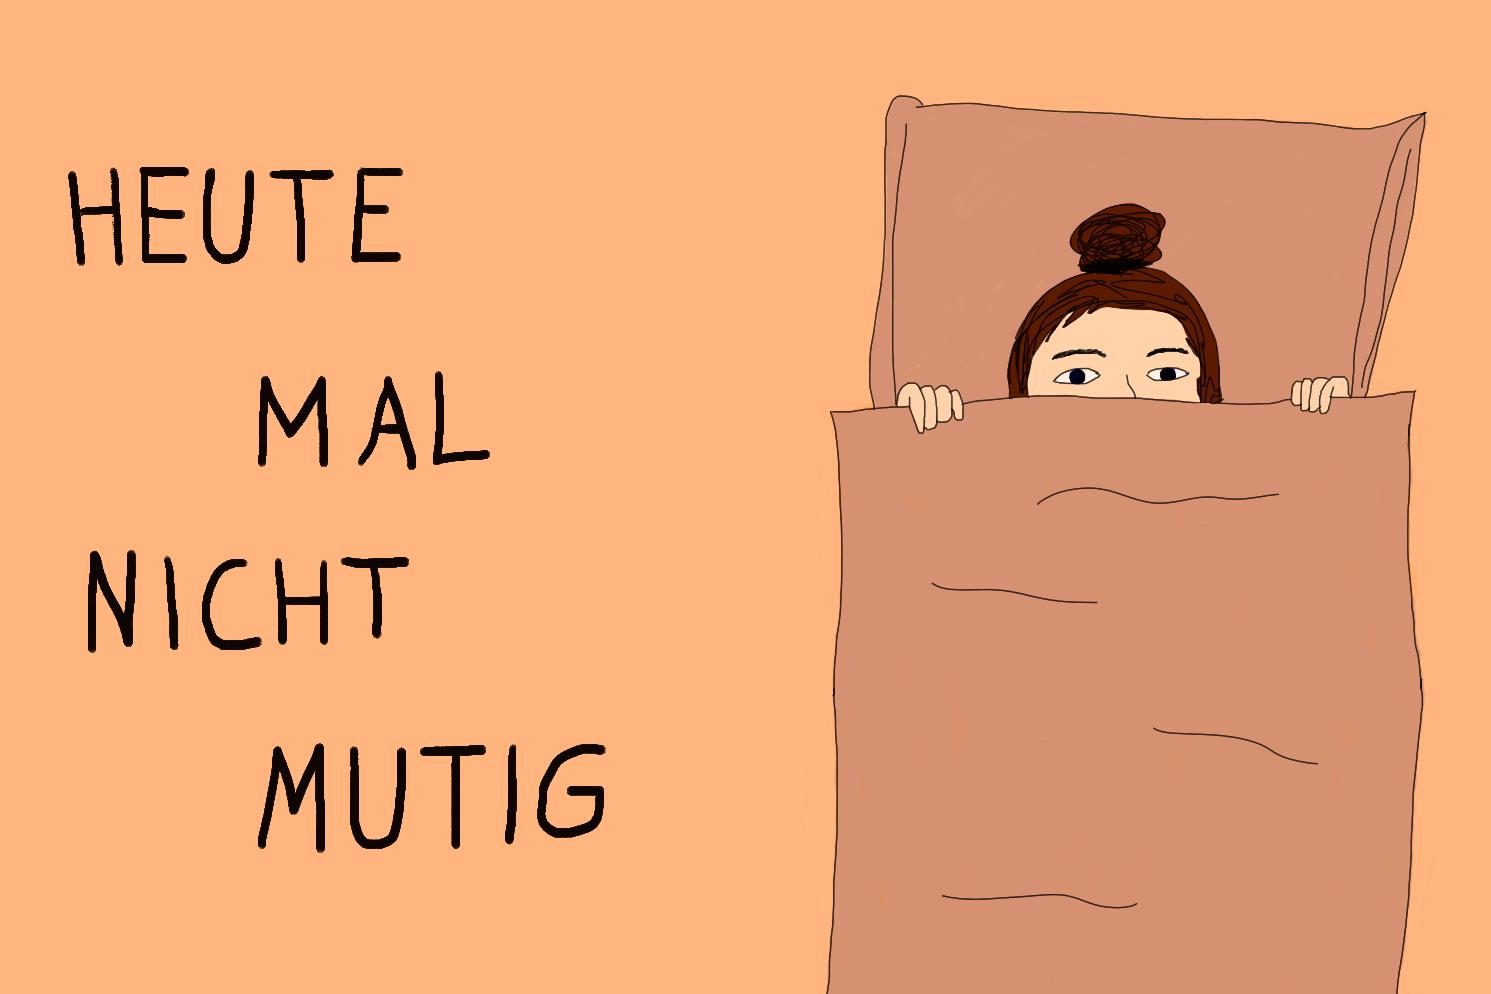 Eine Frau liegt im Bett und zieht sich die Bettdecke halb über ihr Gesicht.